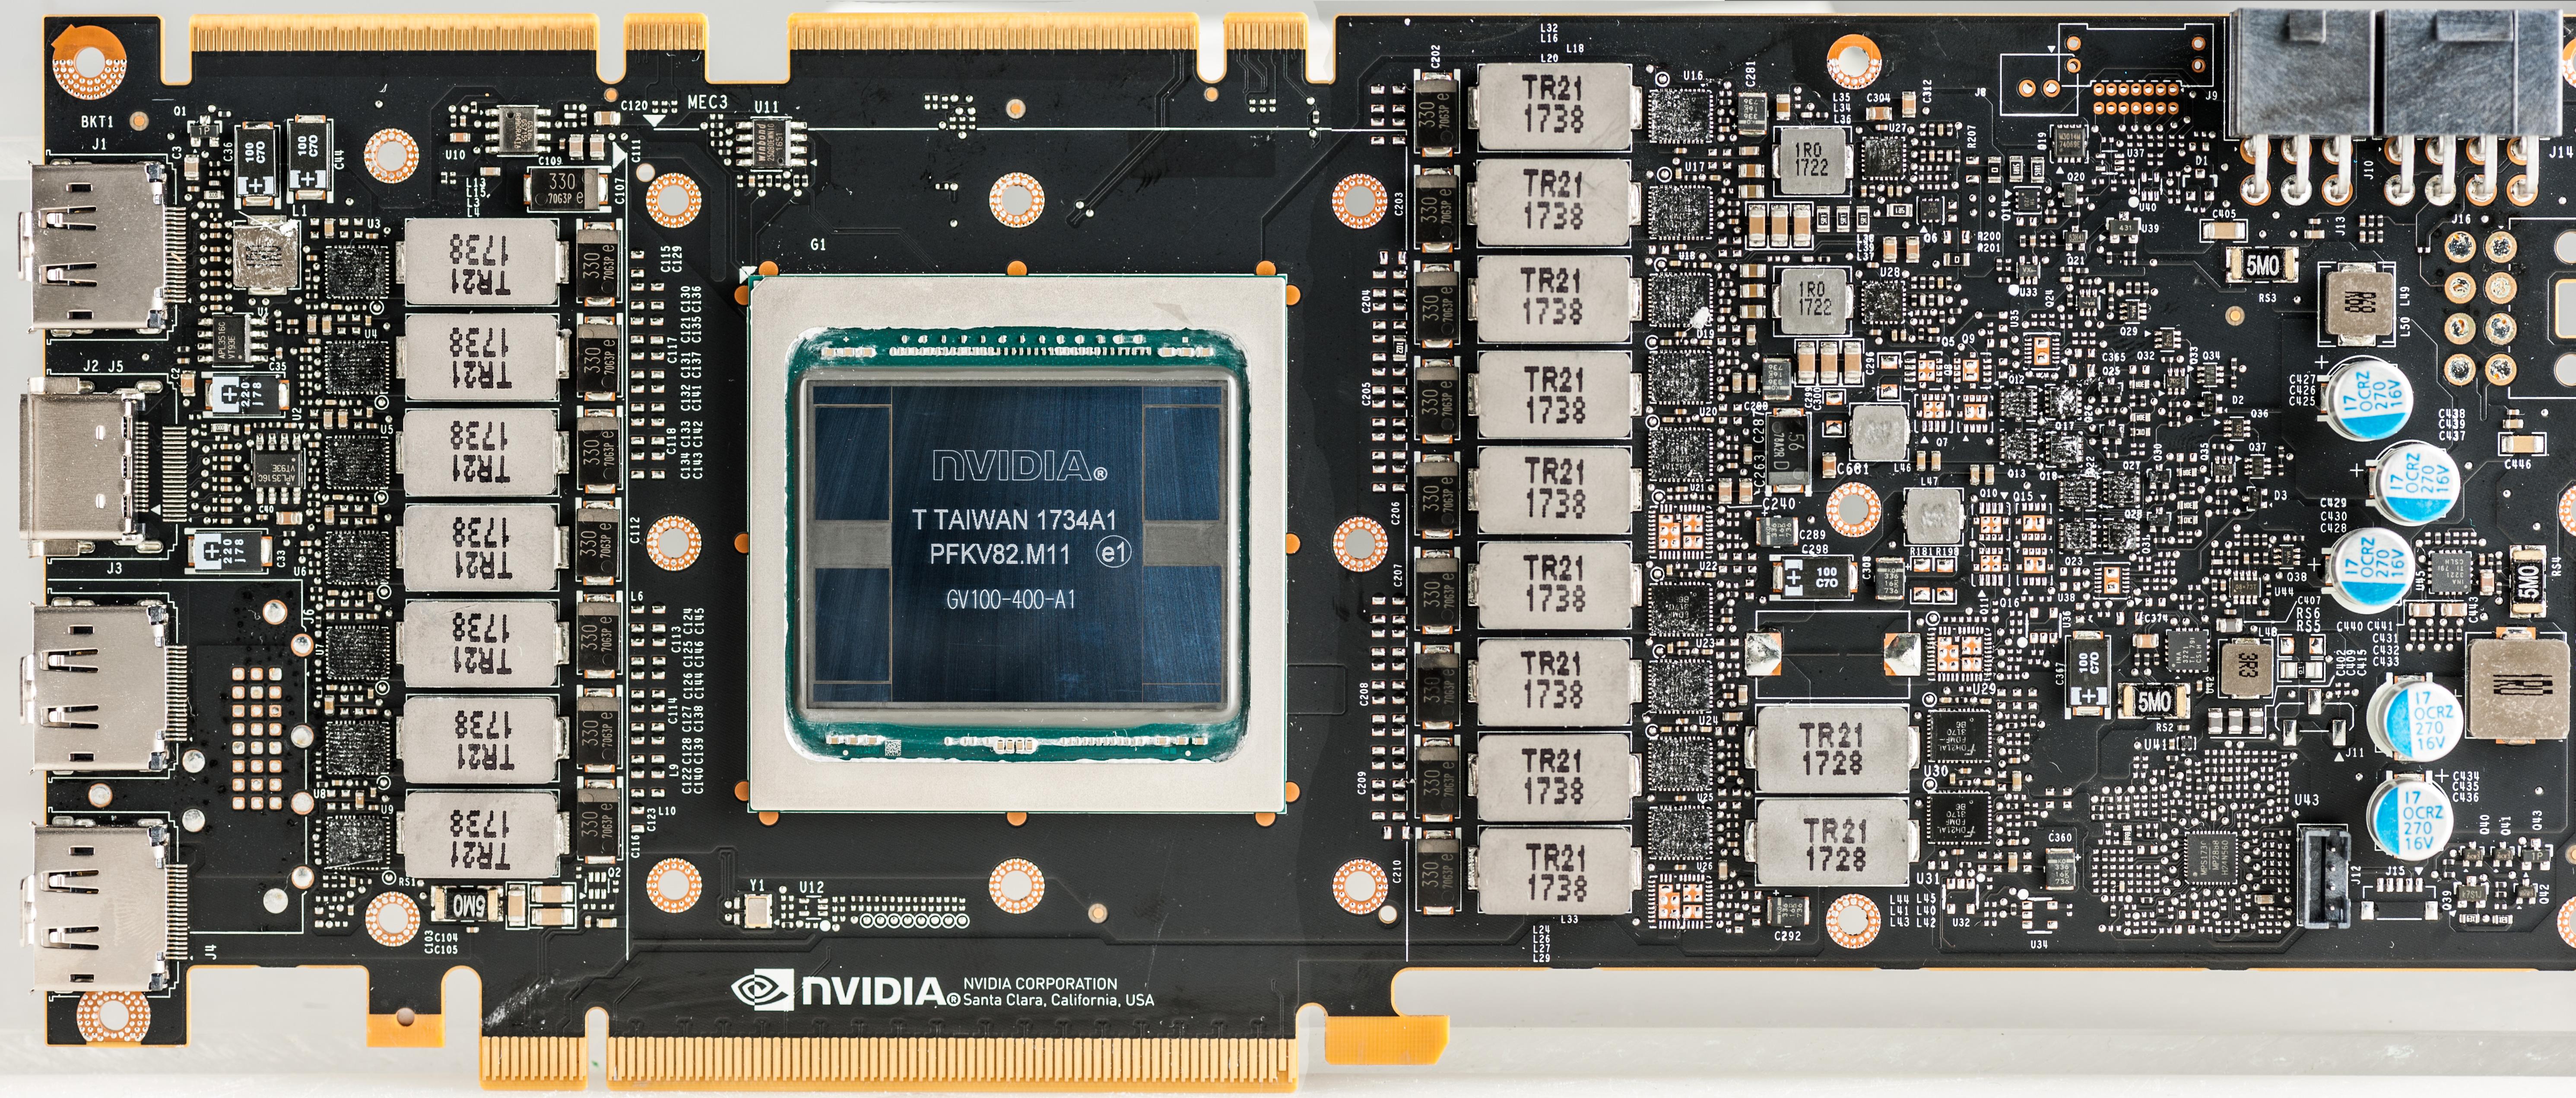 xDevs.com | Review of NVIDIA Titan V design and power ...